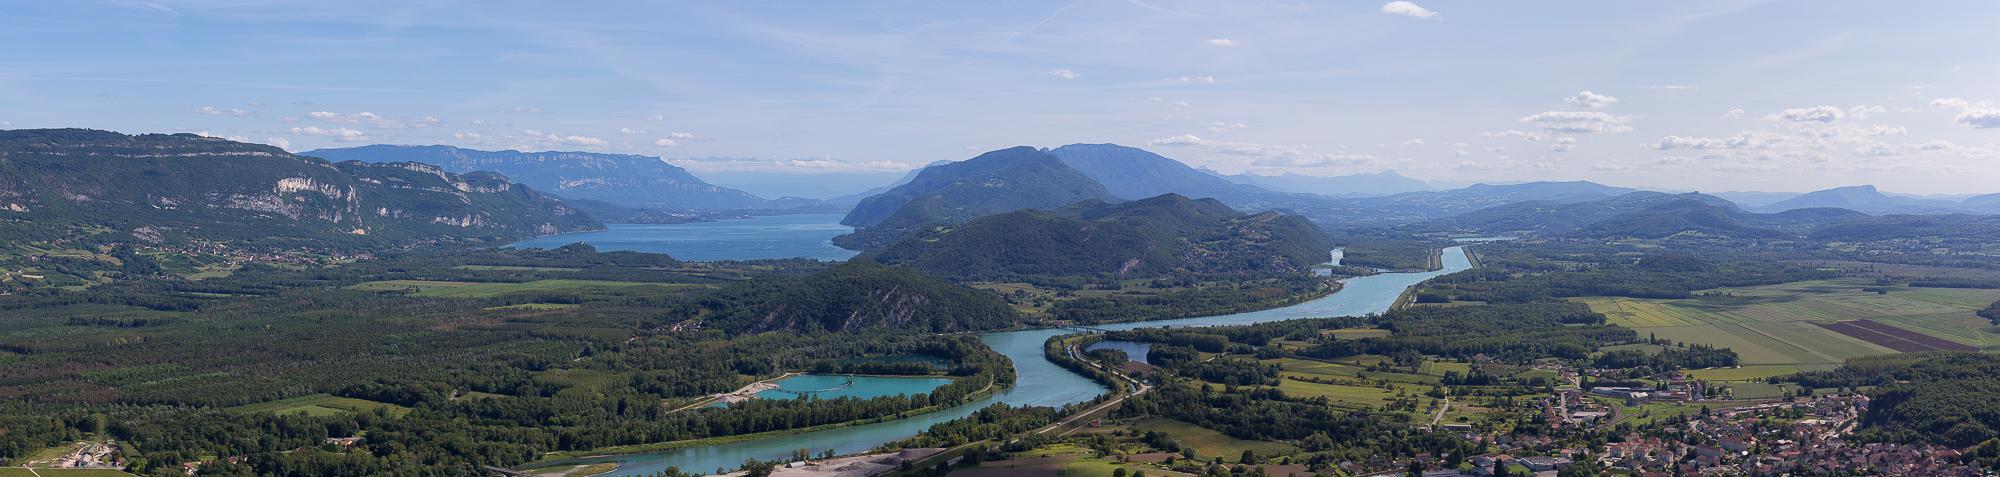 Panoramique du lac du Bourget